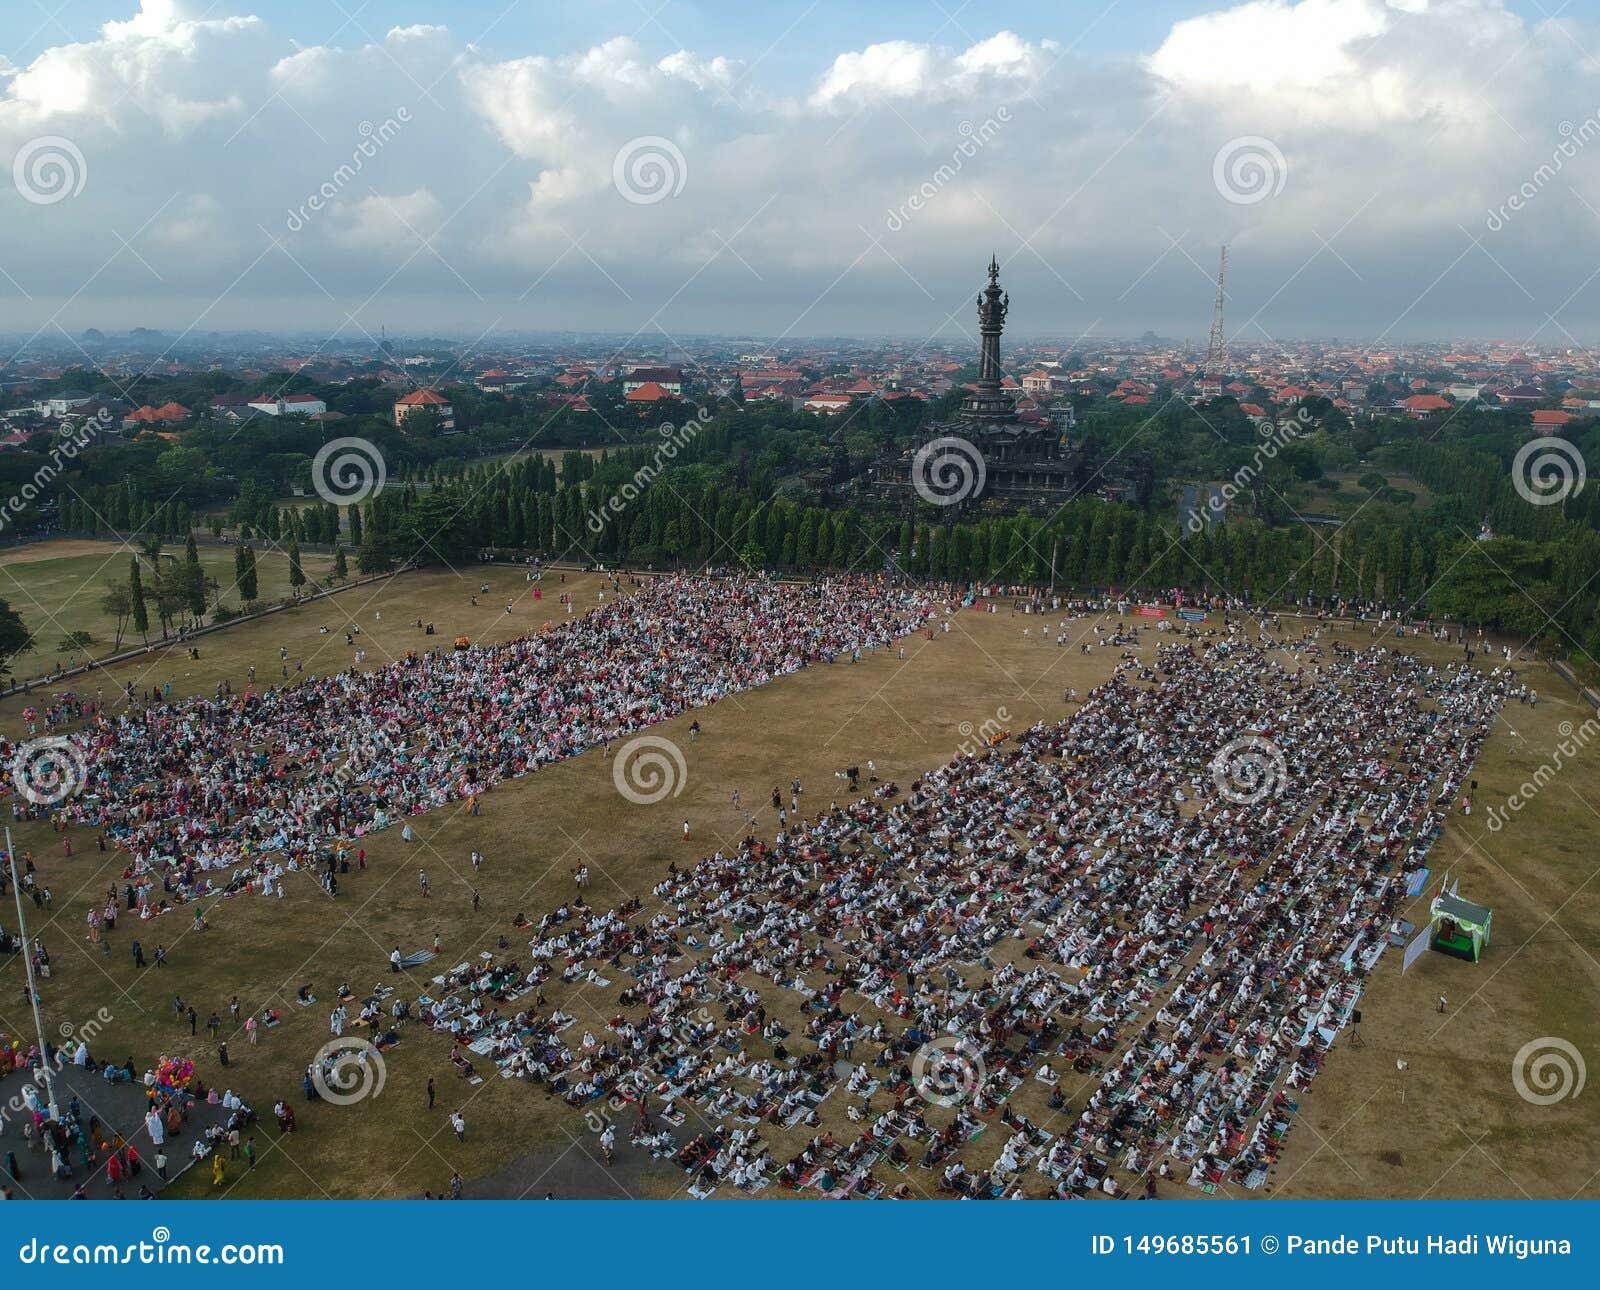 DENPASAR, 05 BALI/INDONESIA-JUNI 2019: De mening van de lucht van het Eid al-Fitr-gebed in 2019 bij het gebied van Puputan Renon